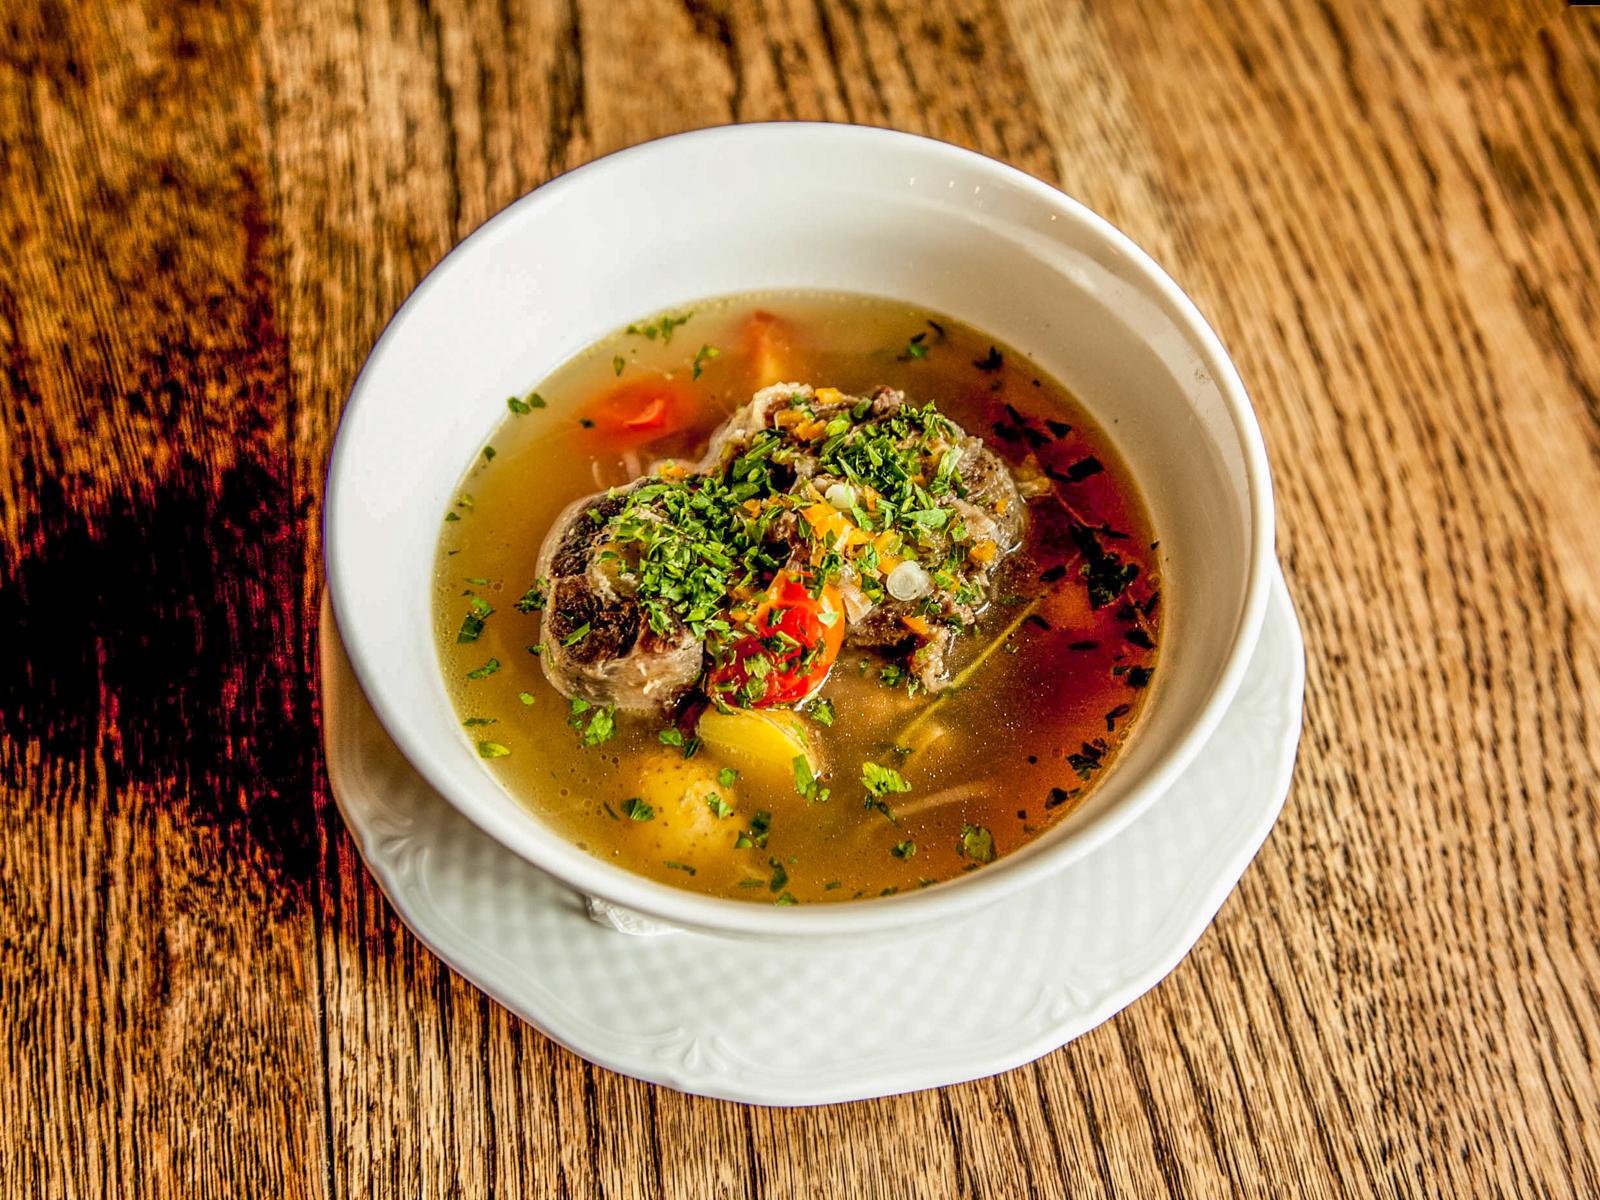 Похмельный суп из бычьих хвостов